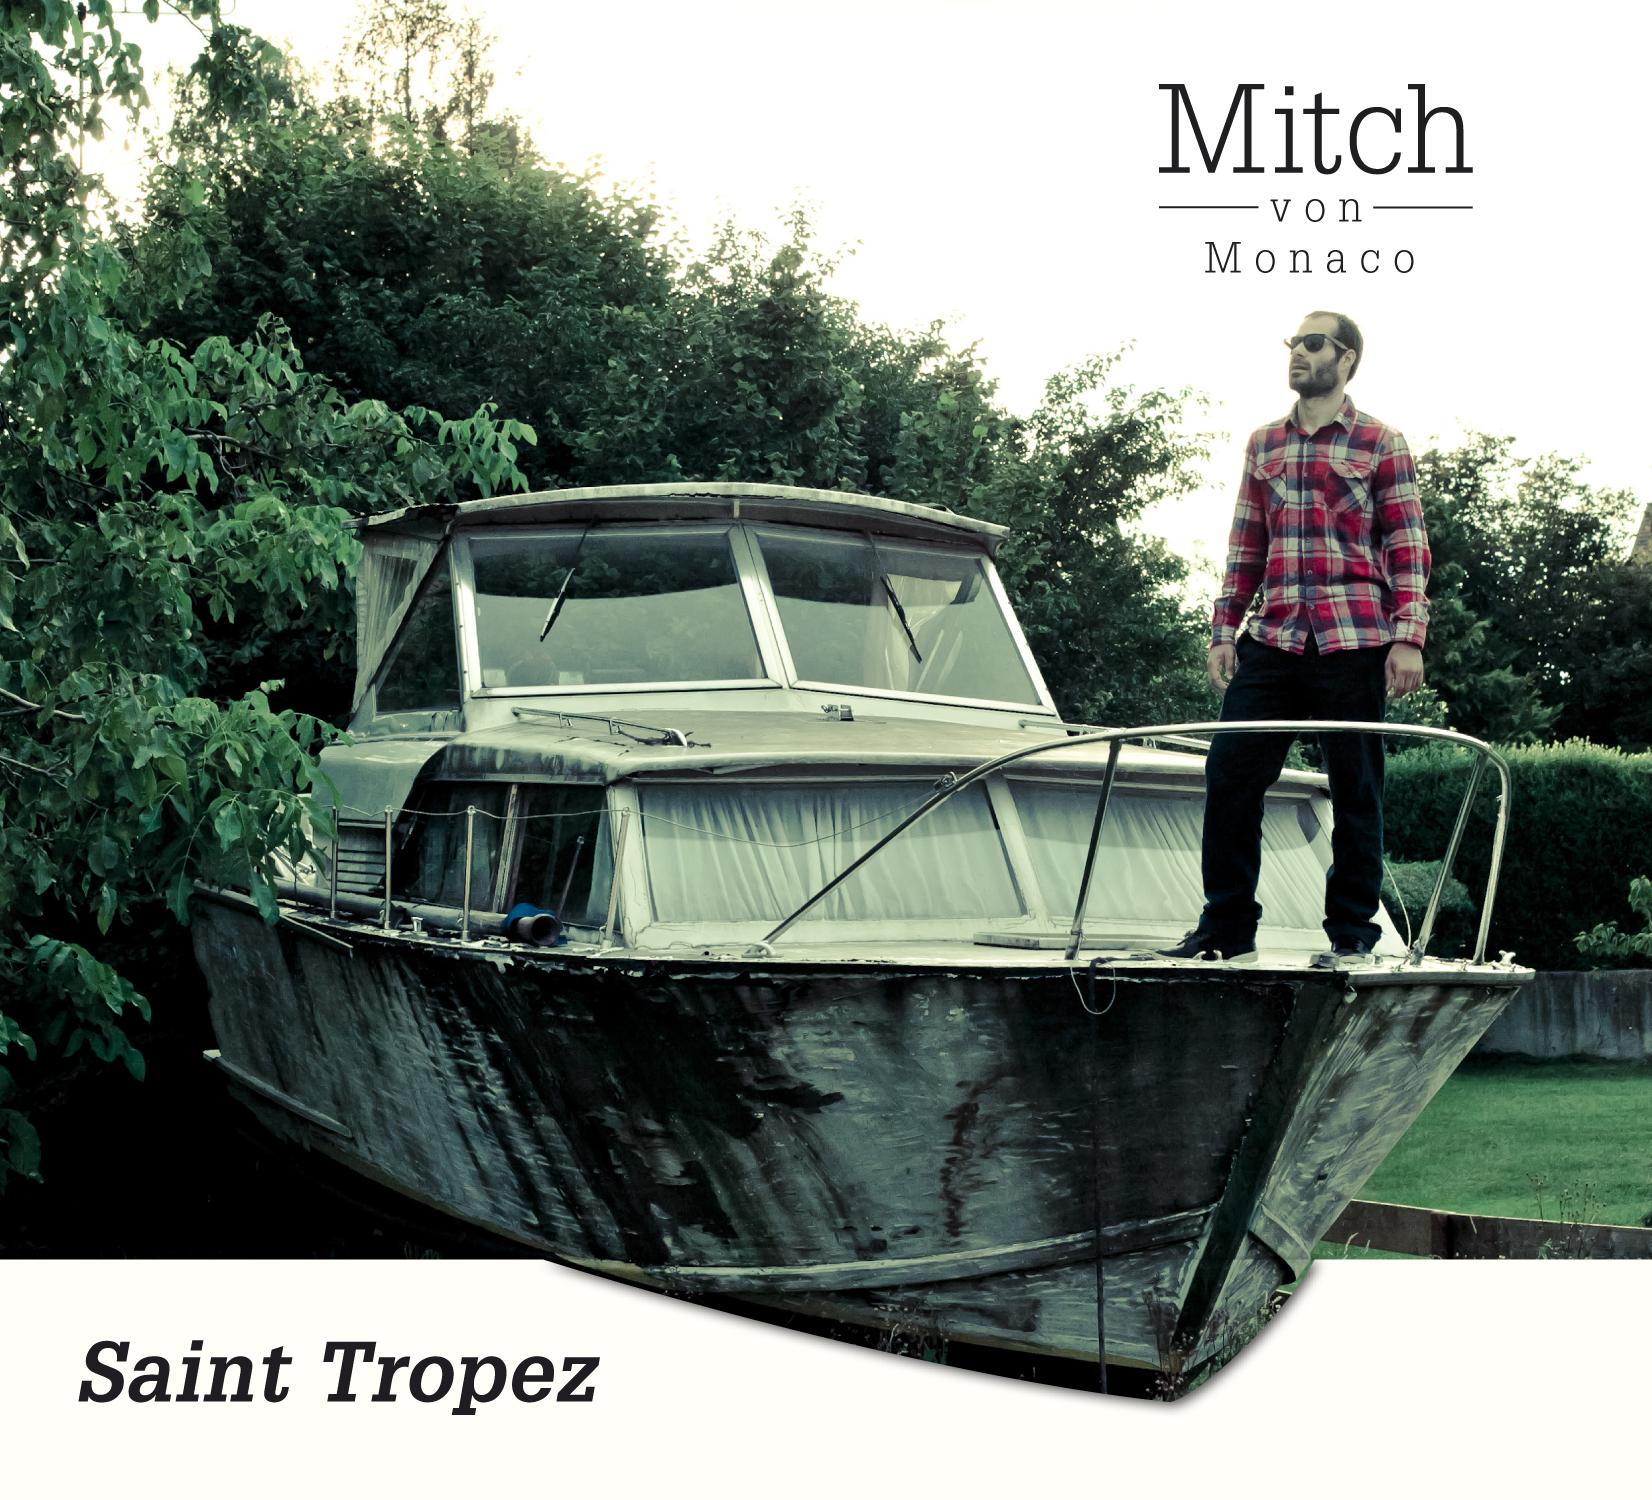 Mitch von Monaco - Saint Tropez Cover